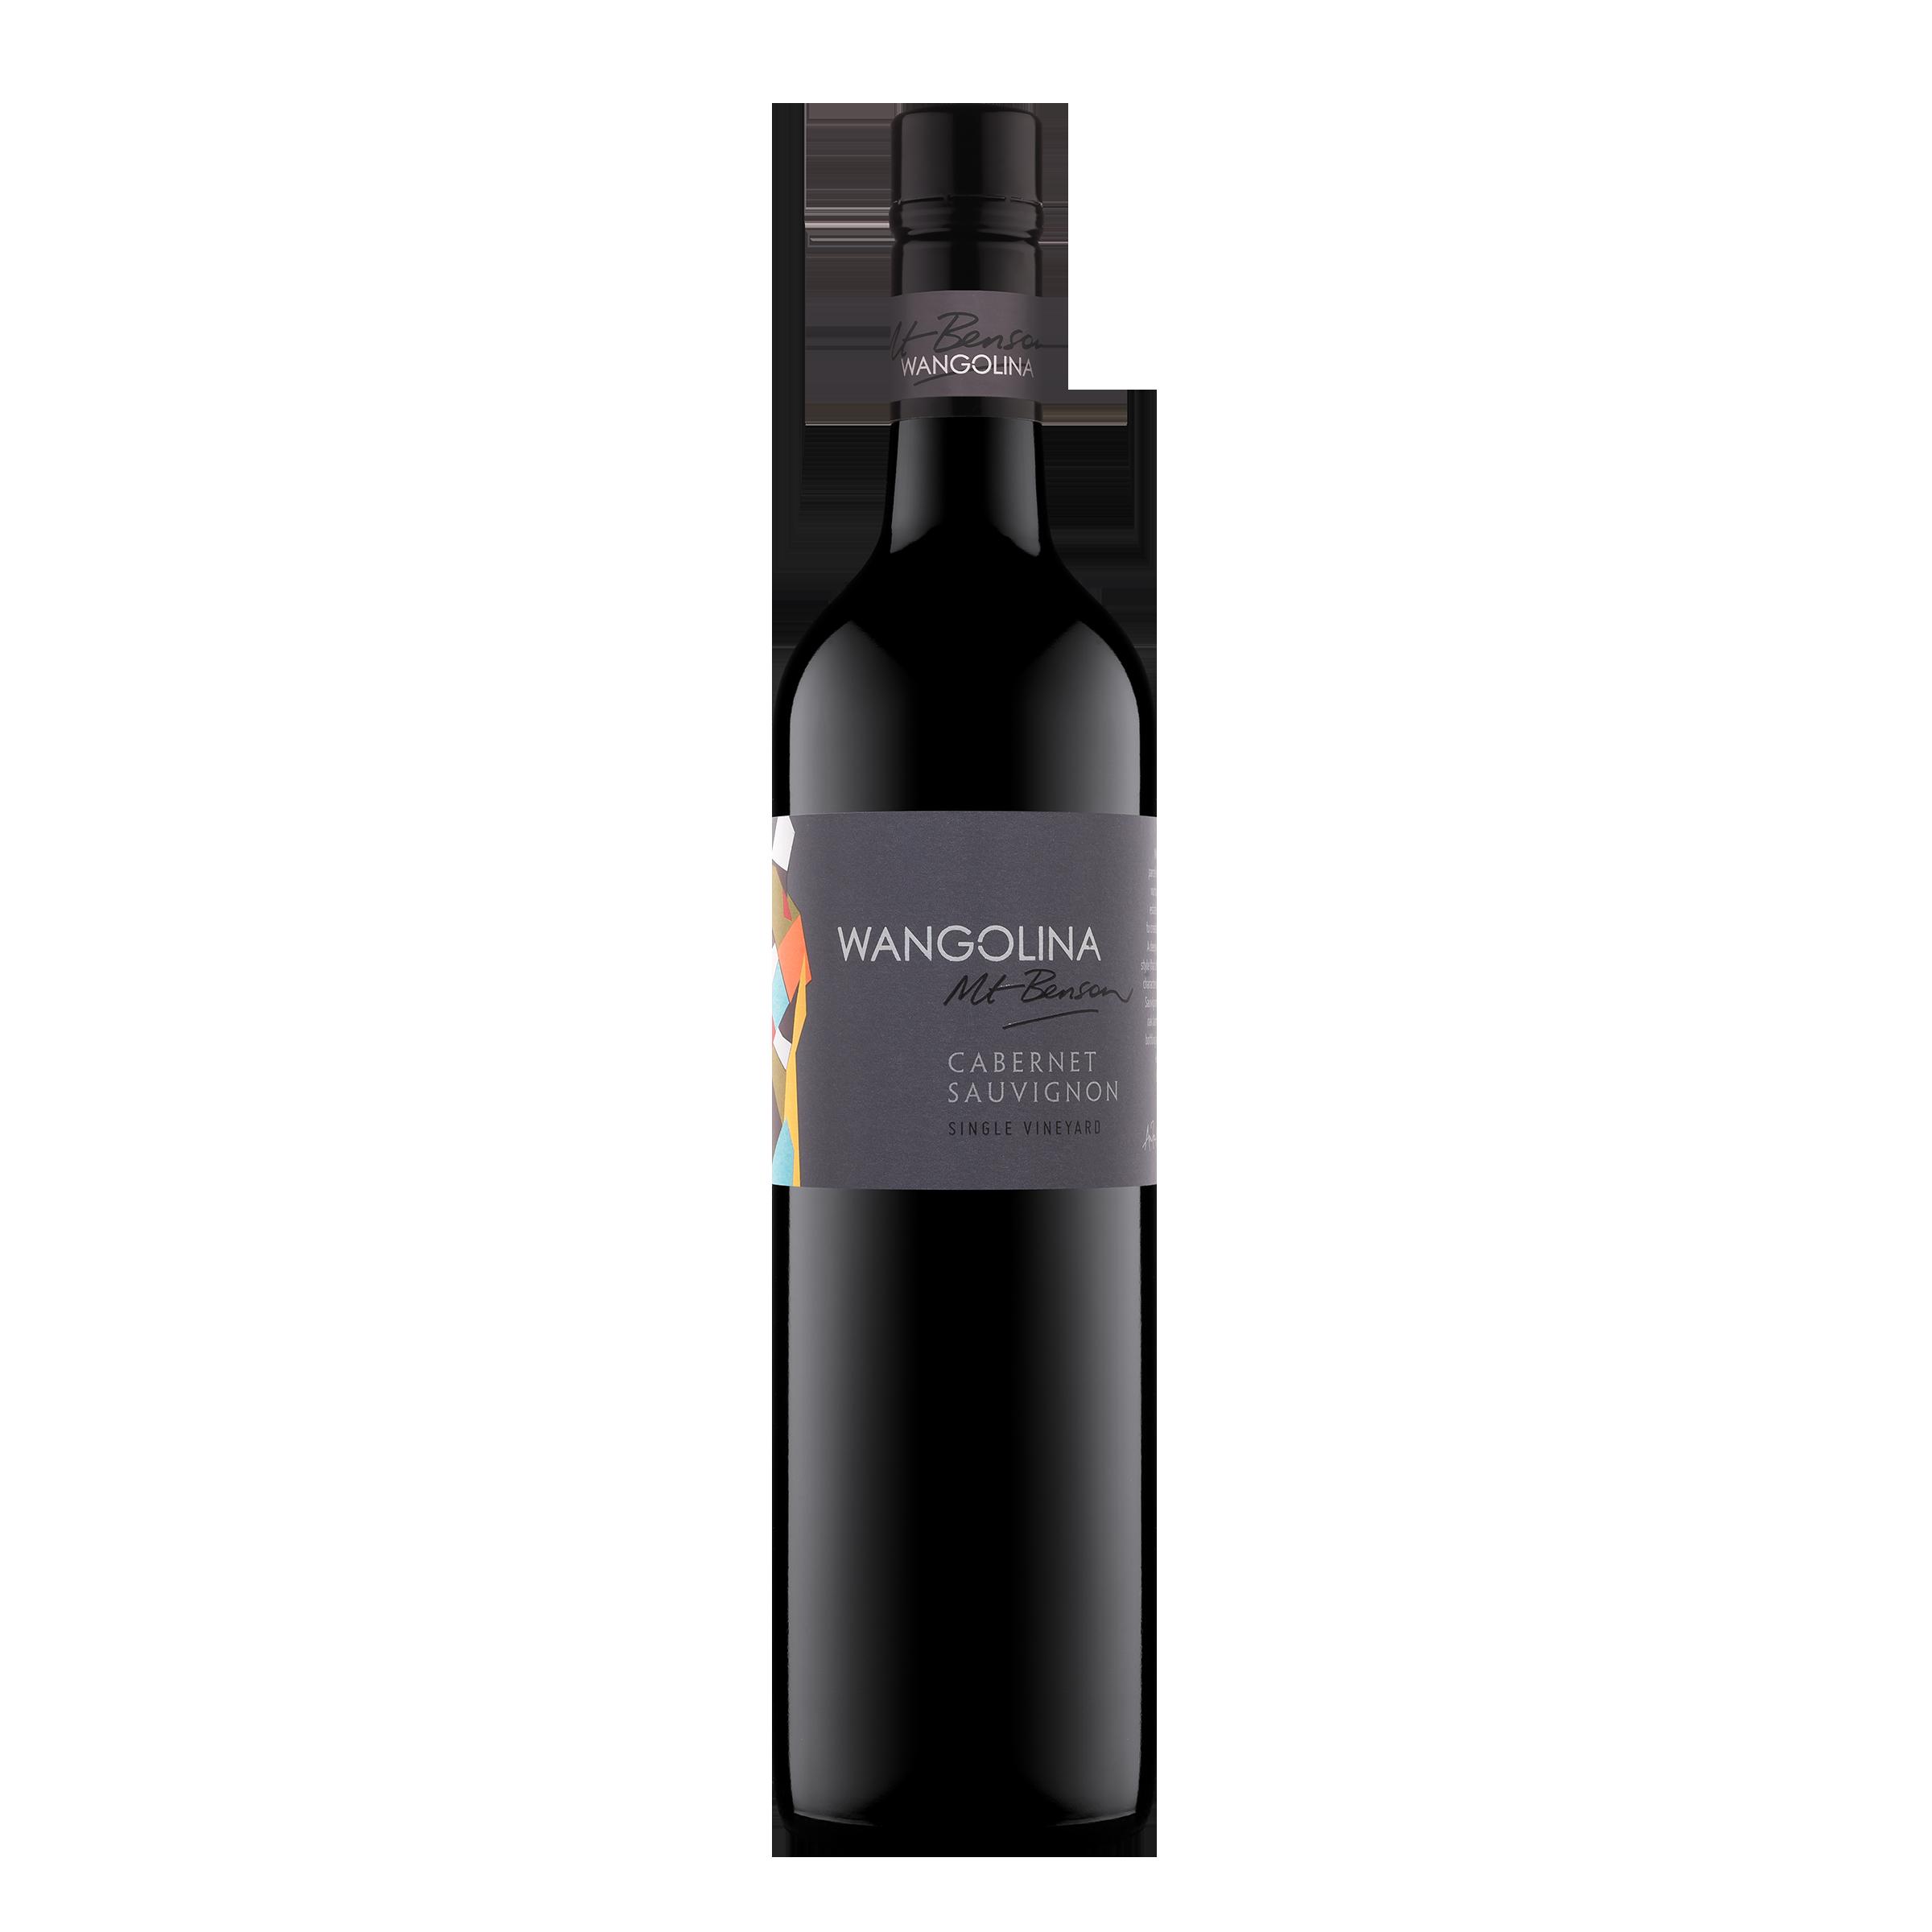 Wangolina Single Vineyard Cabernet Sauvignon 750ml 2015